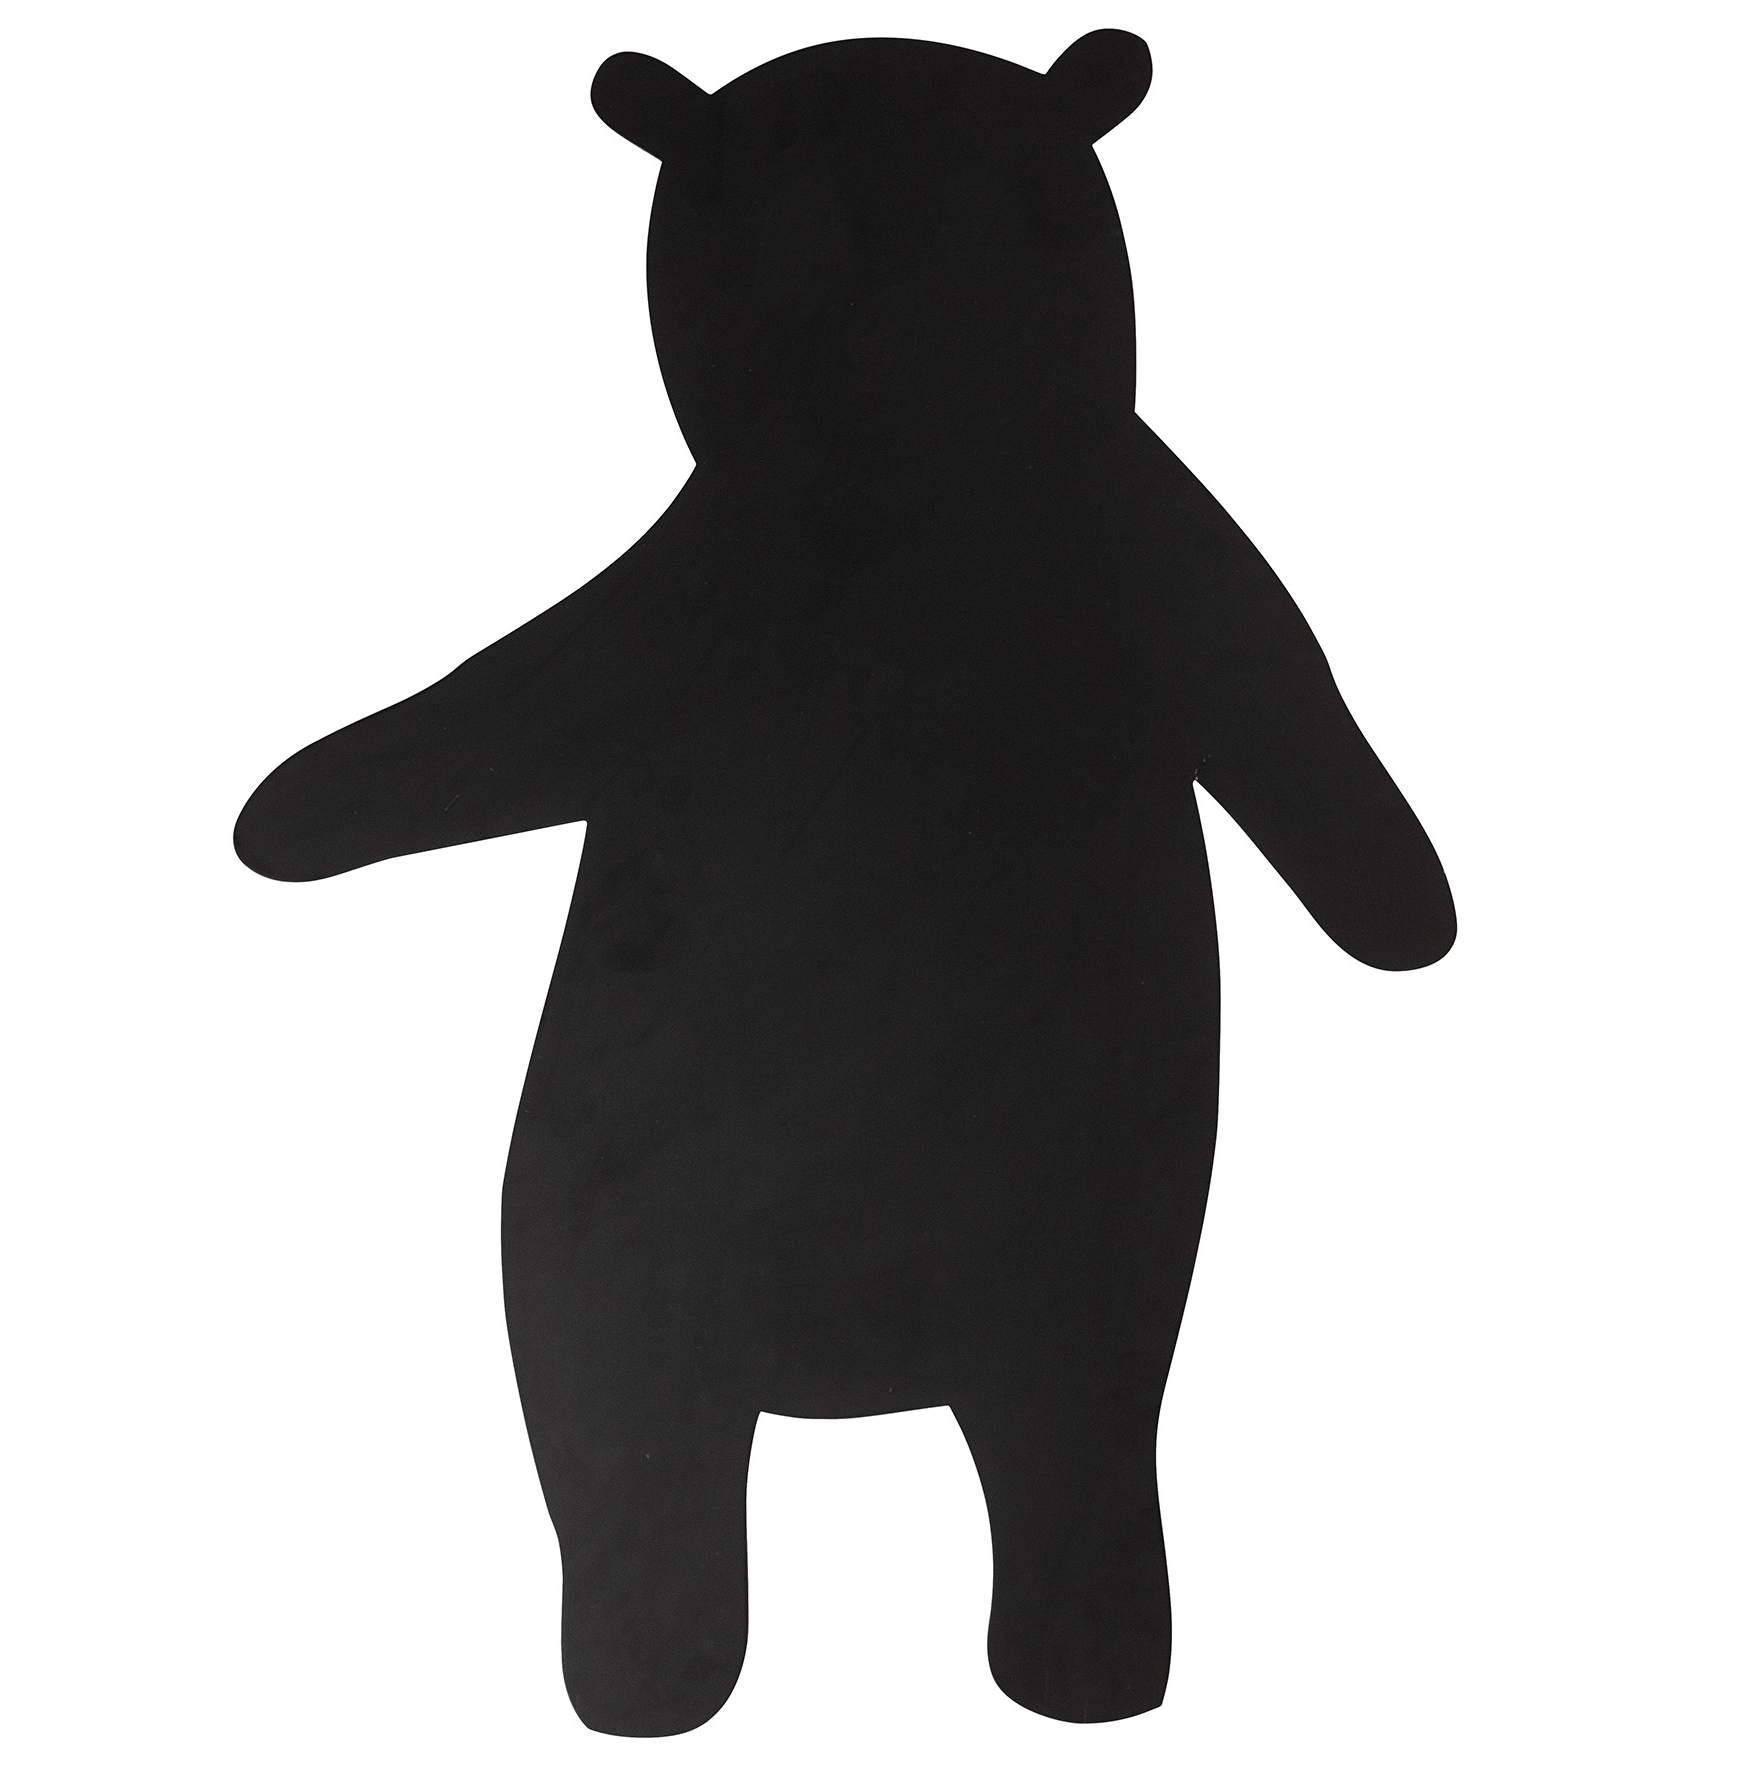 Bloomingville Dětská tabule Black Bear 100cm, černá barva, dřevo